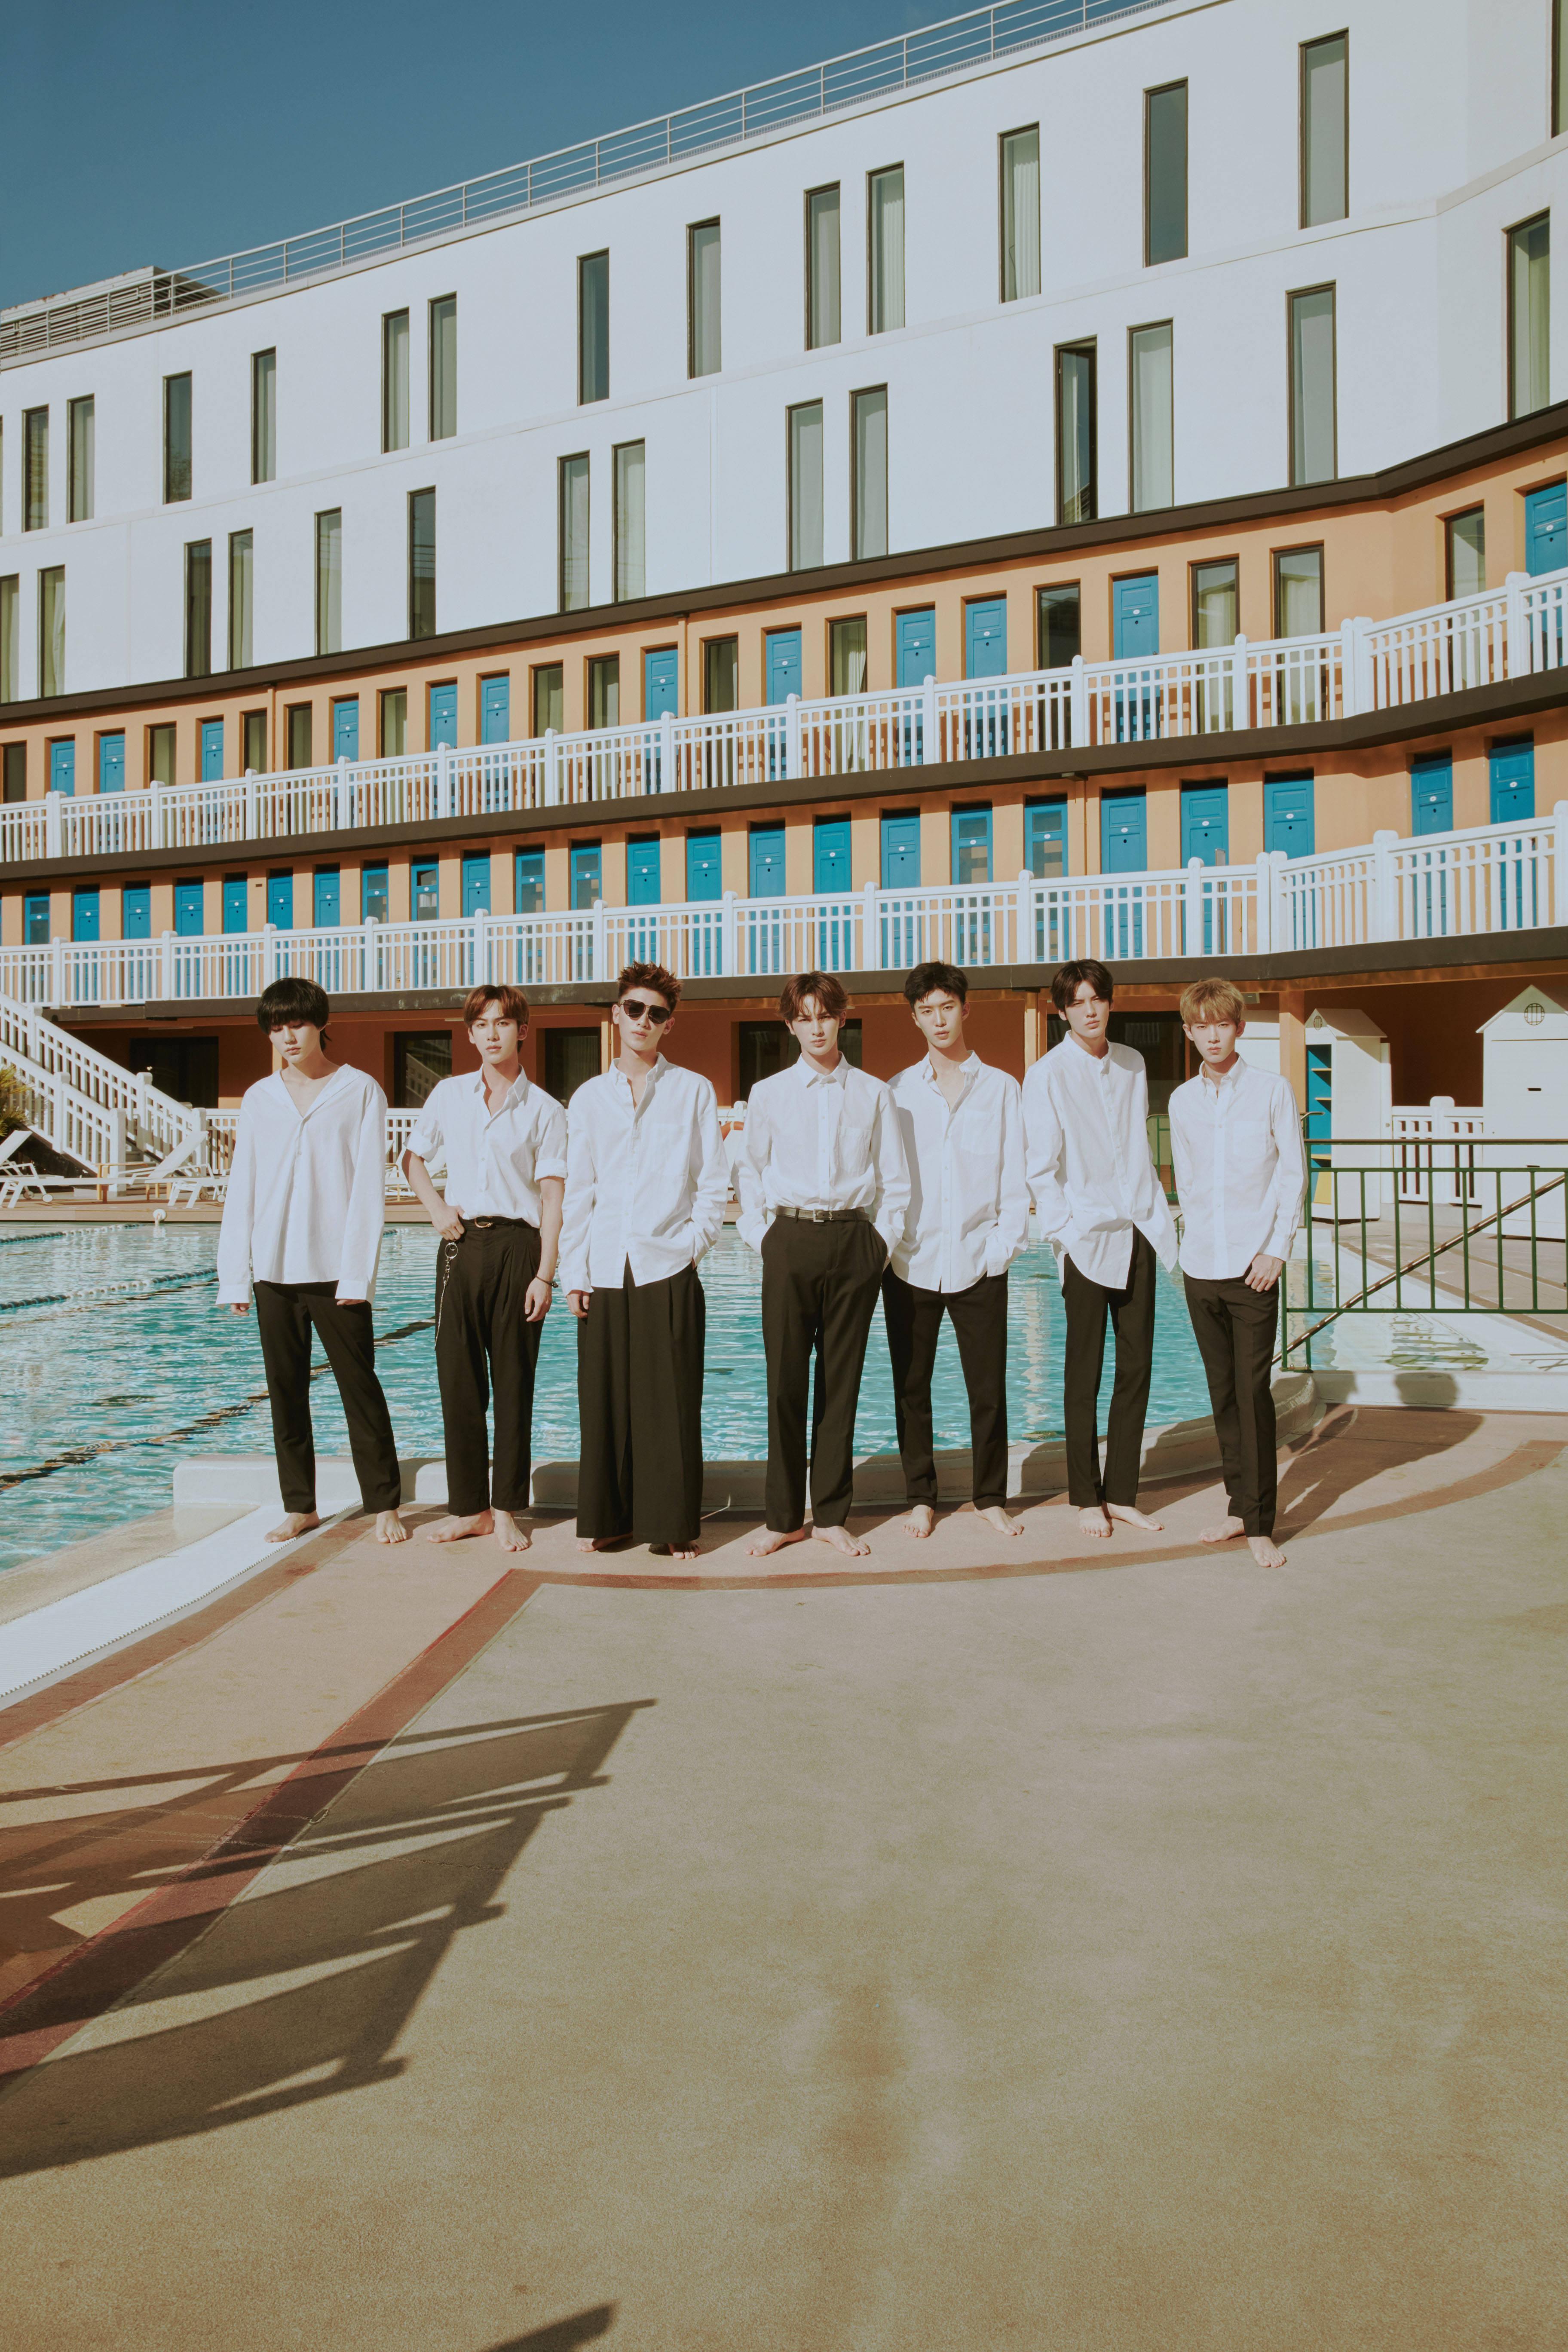 乐华NEXT团体写真一直娱上线全体白衬衫造型散发青春气息